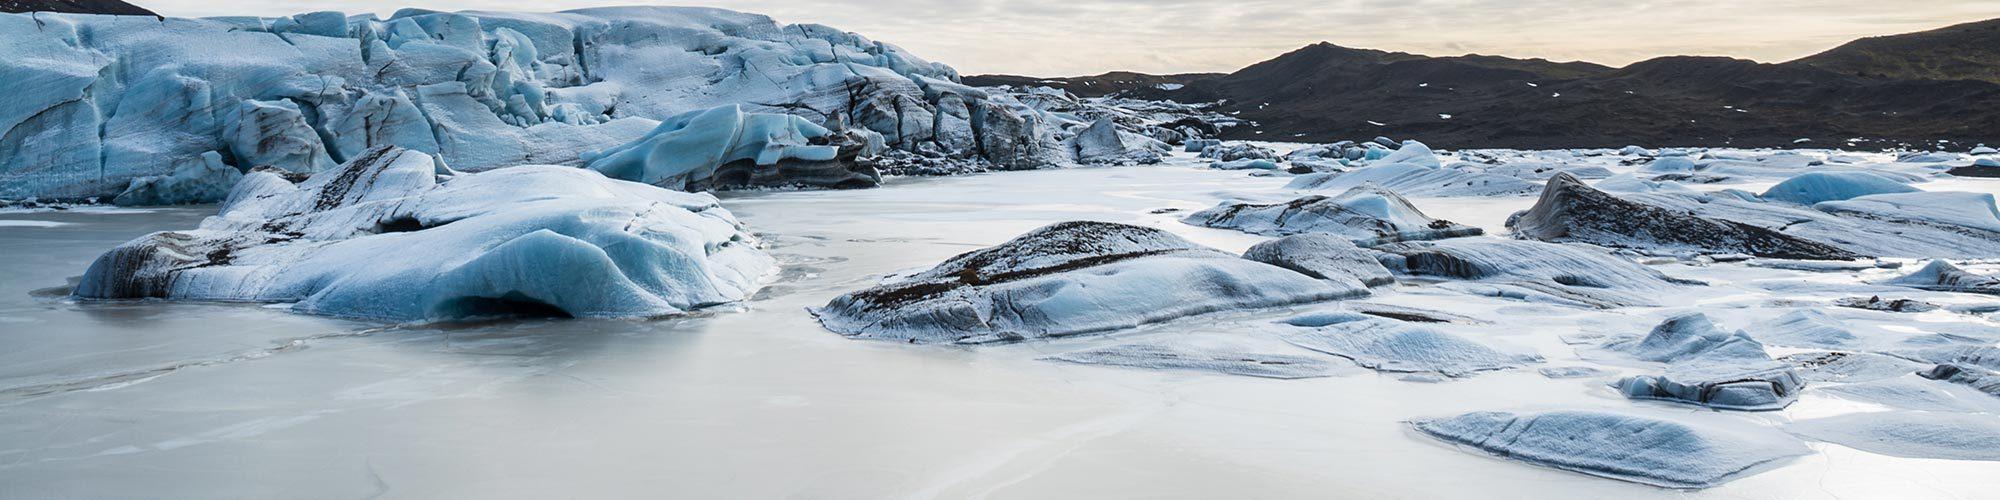 glacier-lagoon-summer